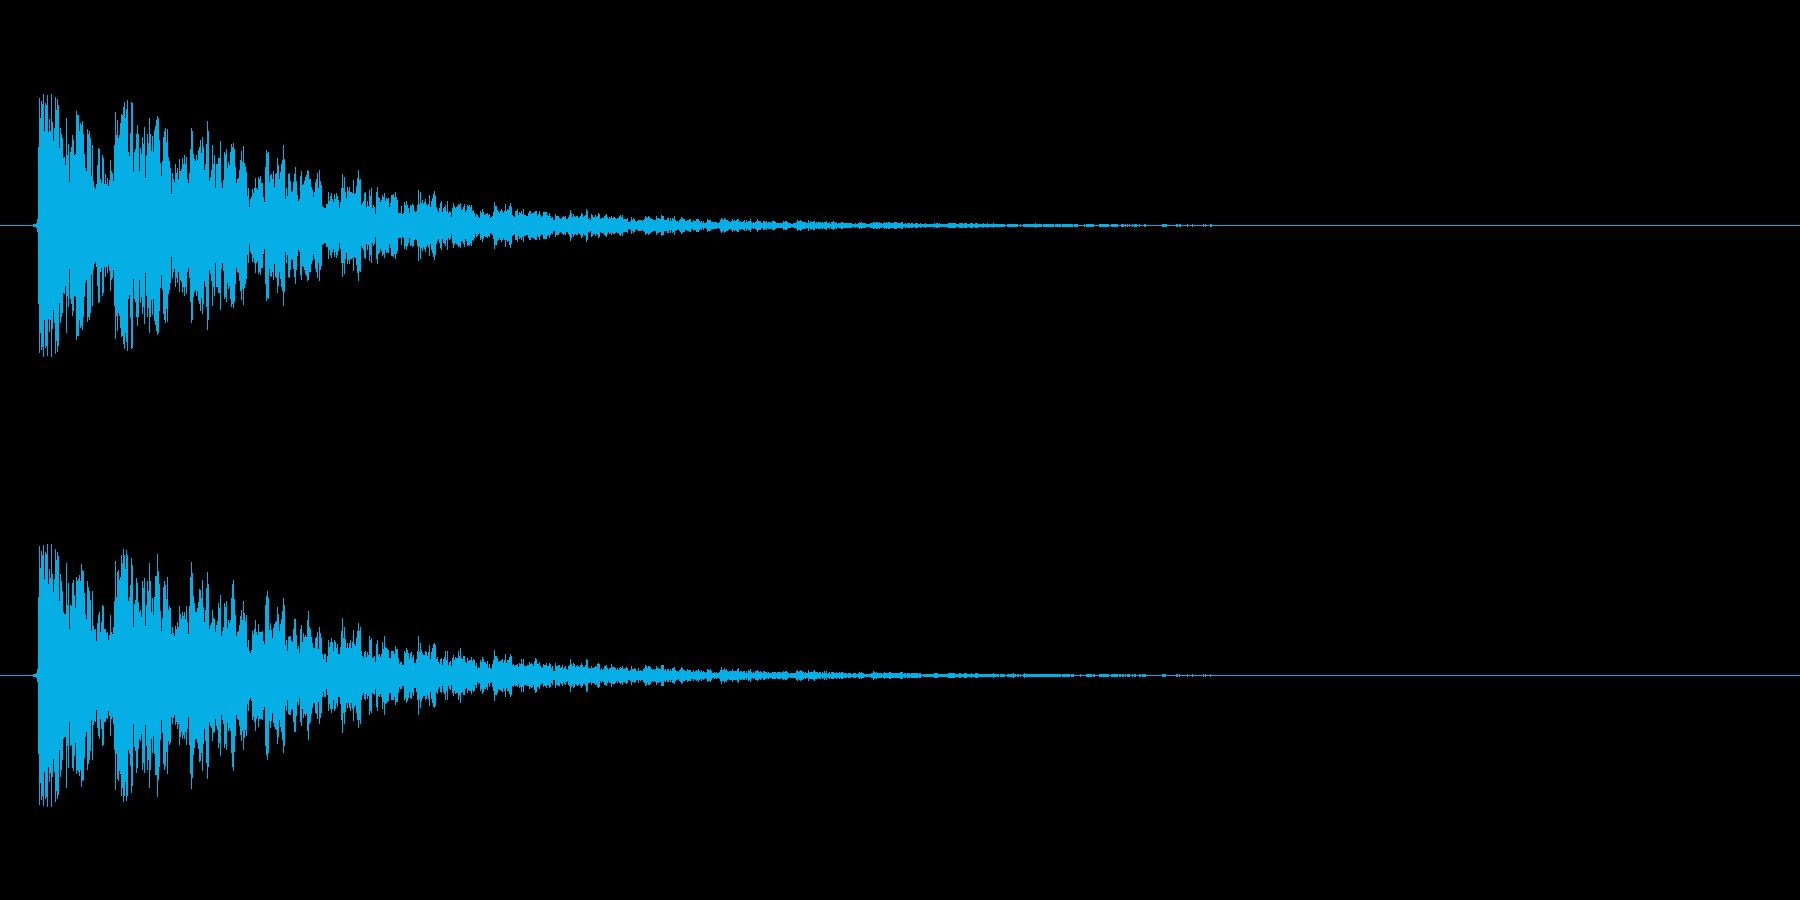 【衝撃06-3】の再生済みの波形